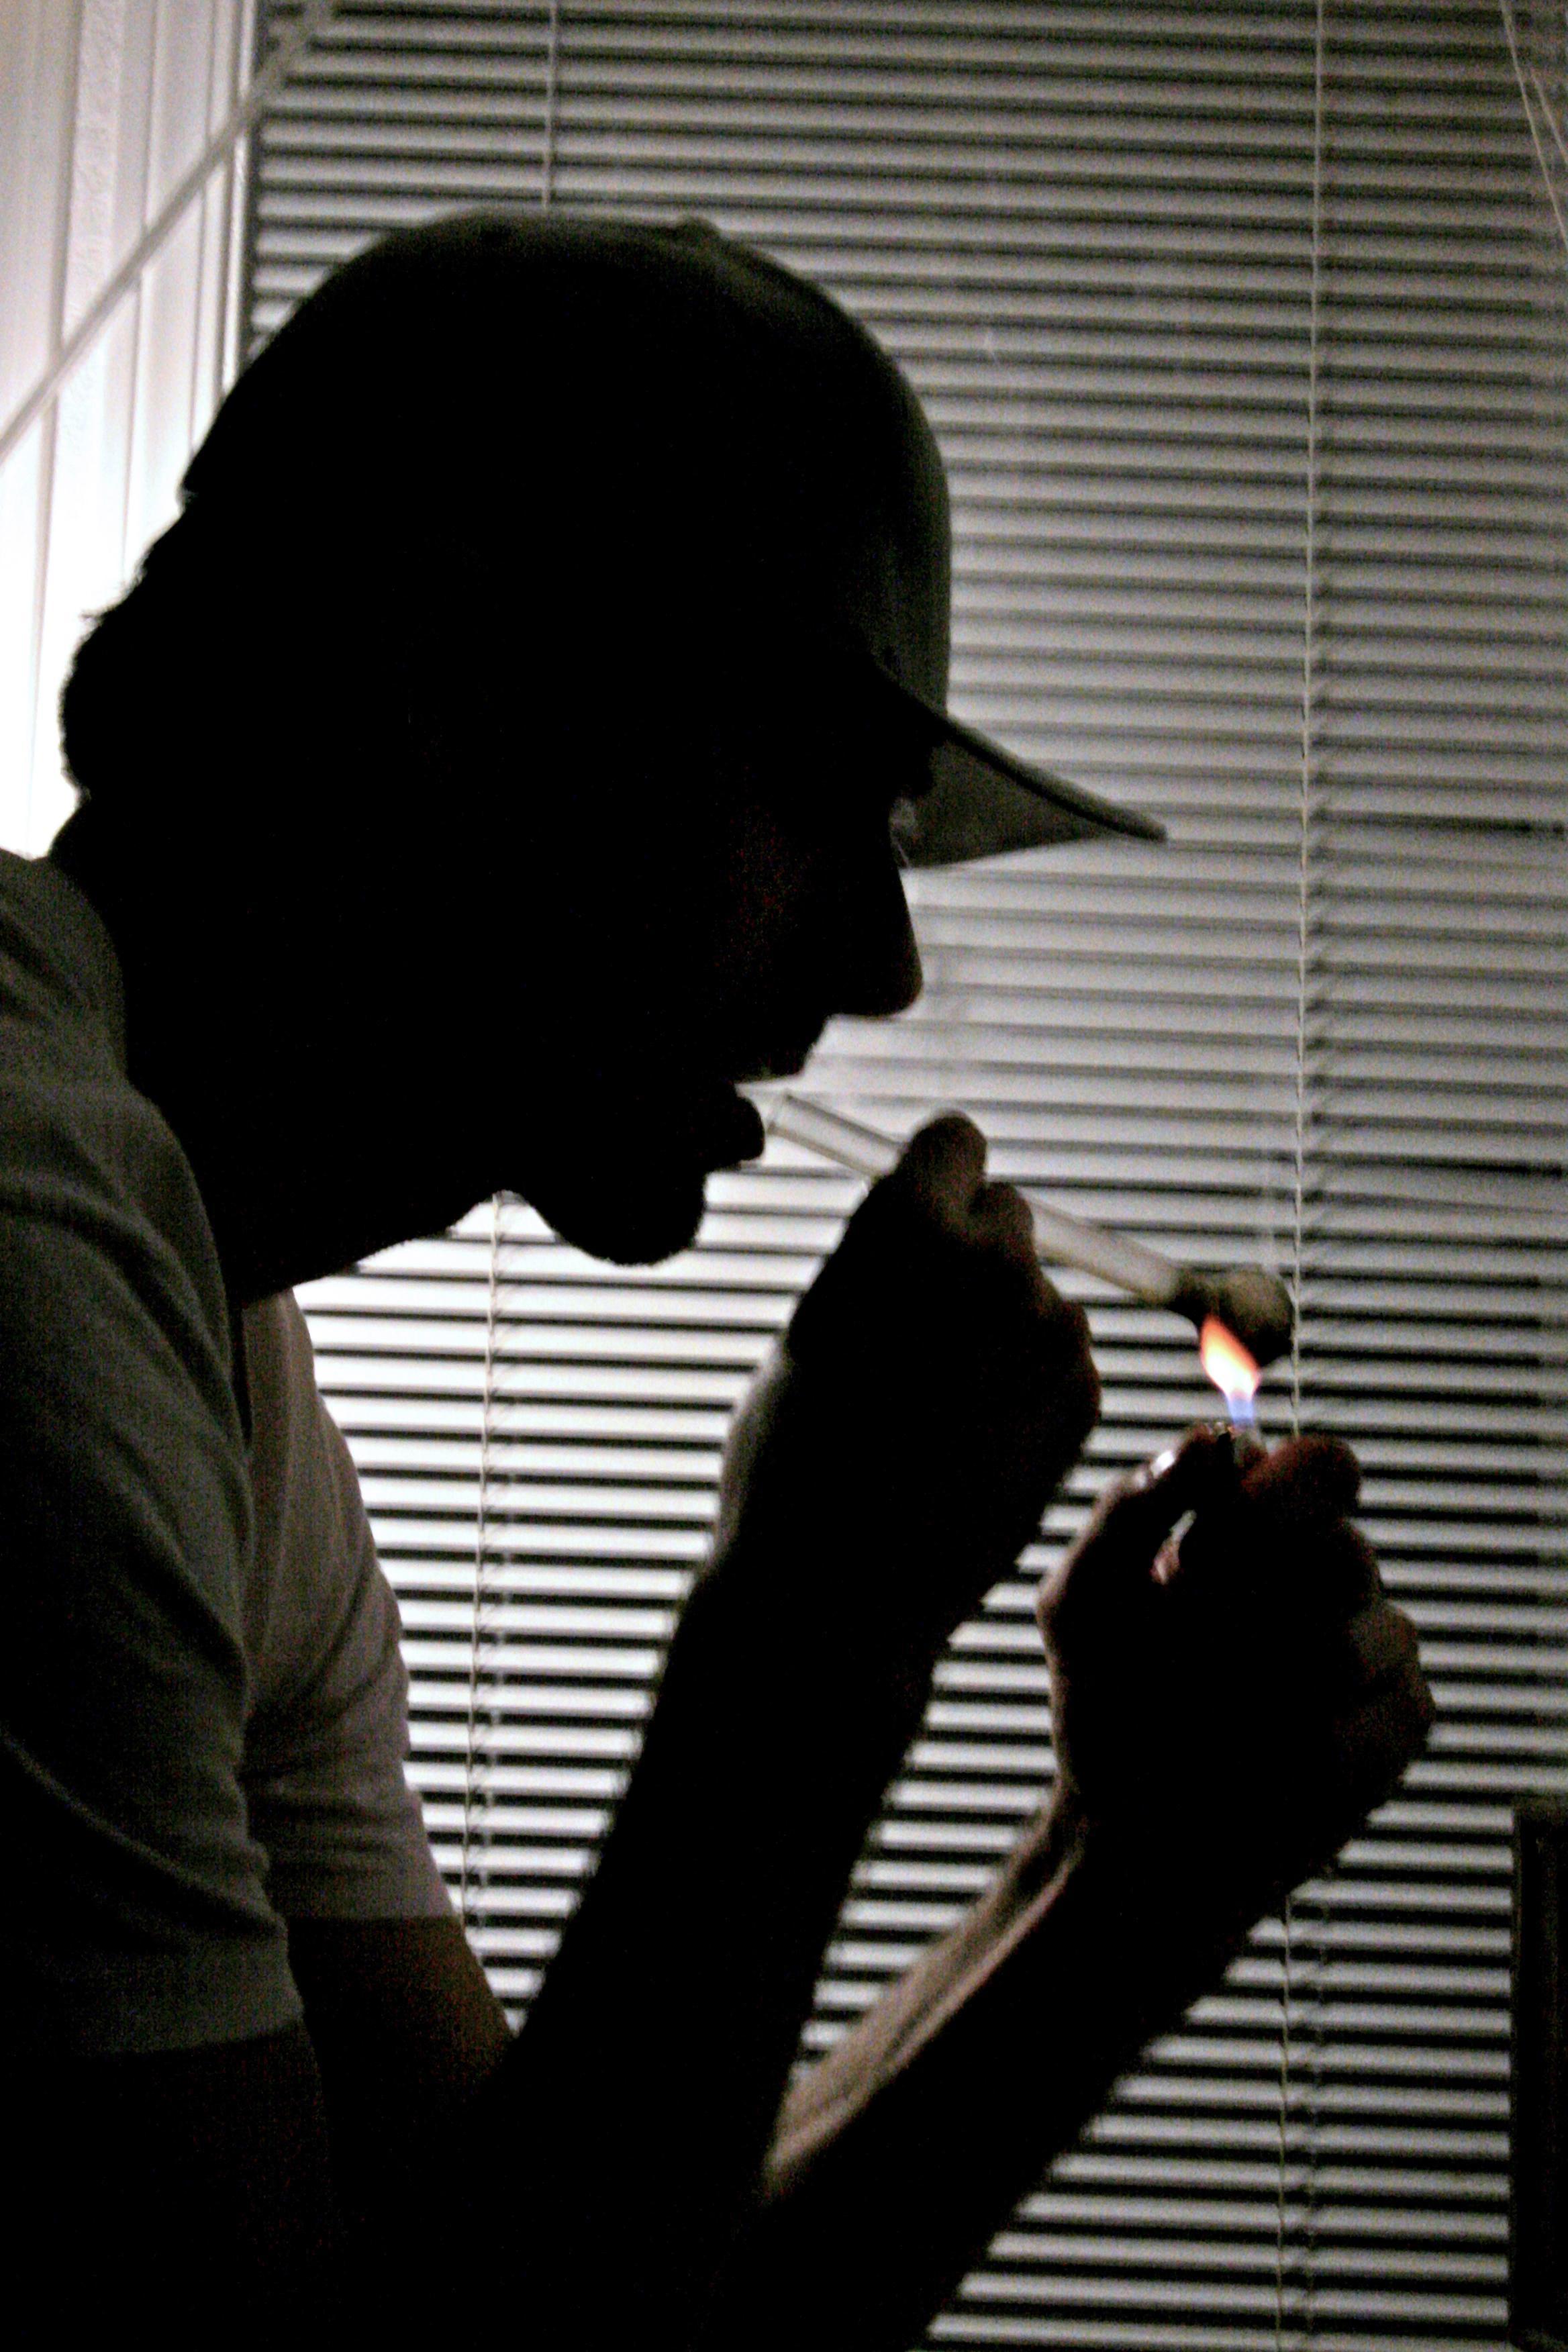 Crystalkonsumenten müssen Strategien finden, mit der Droge umzugehen.